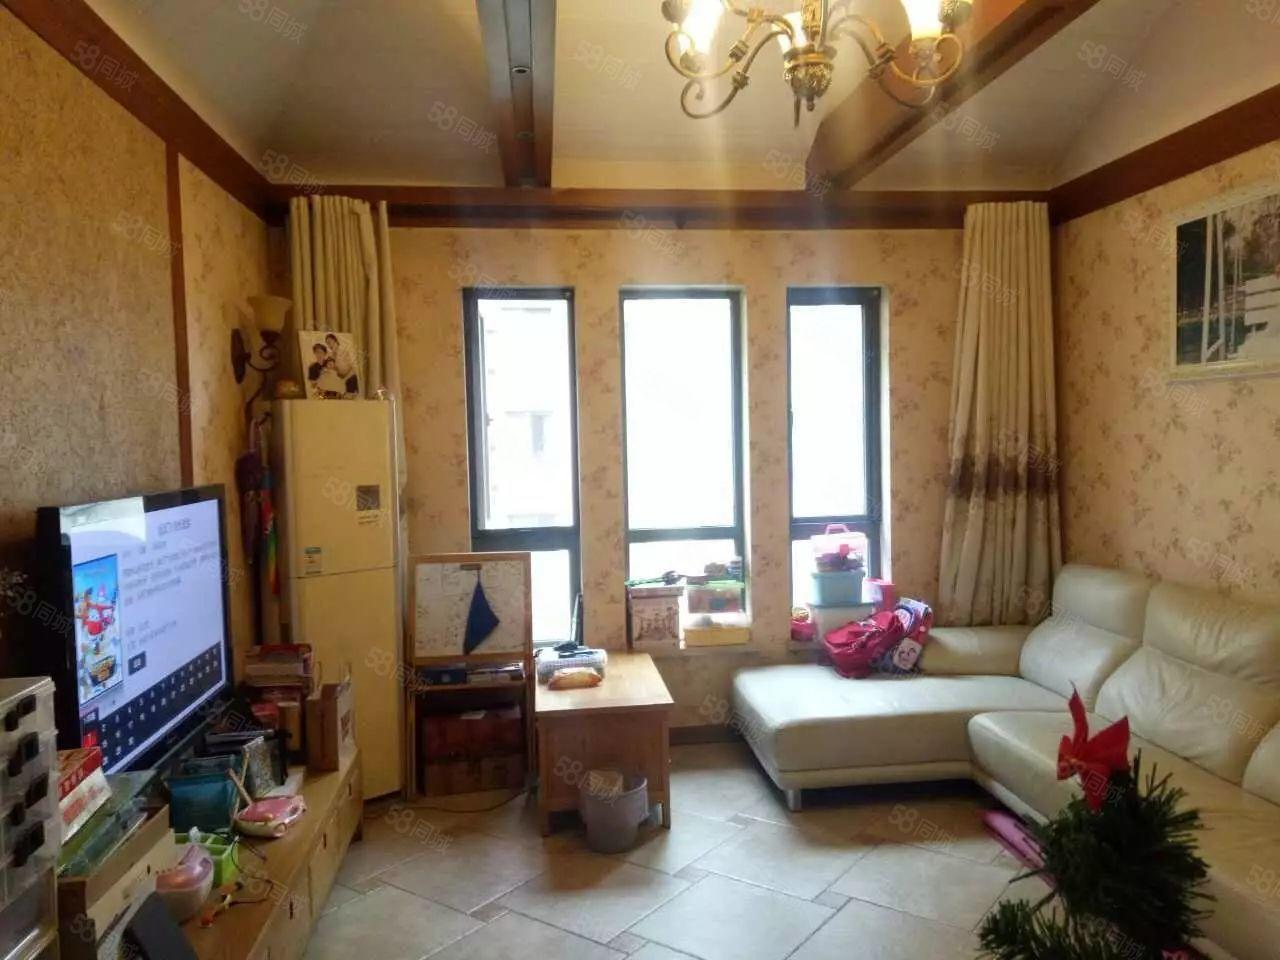 普罗旺世唯一户型,105平送阁楼,豪装装修,双气地暖,急售